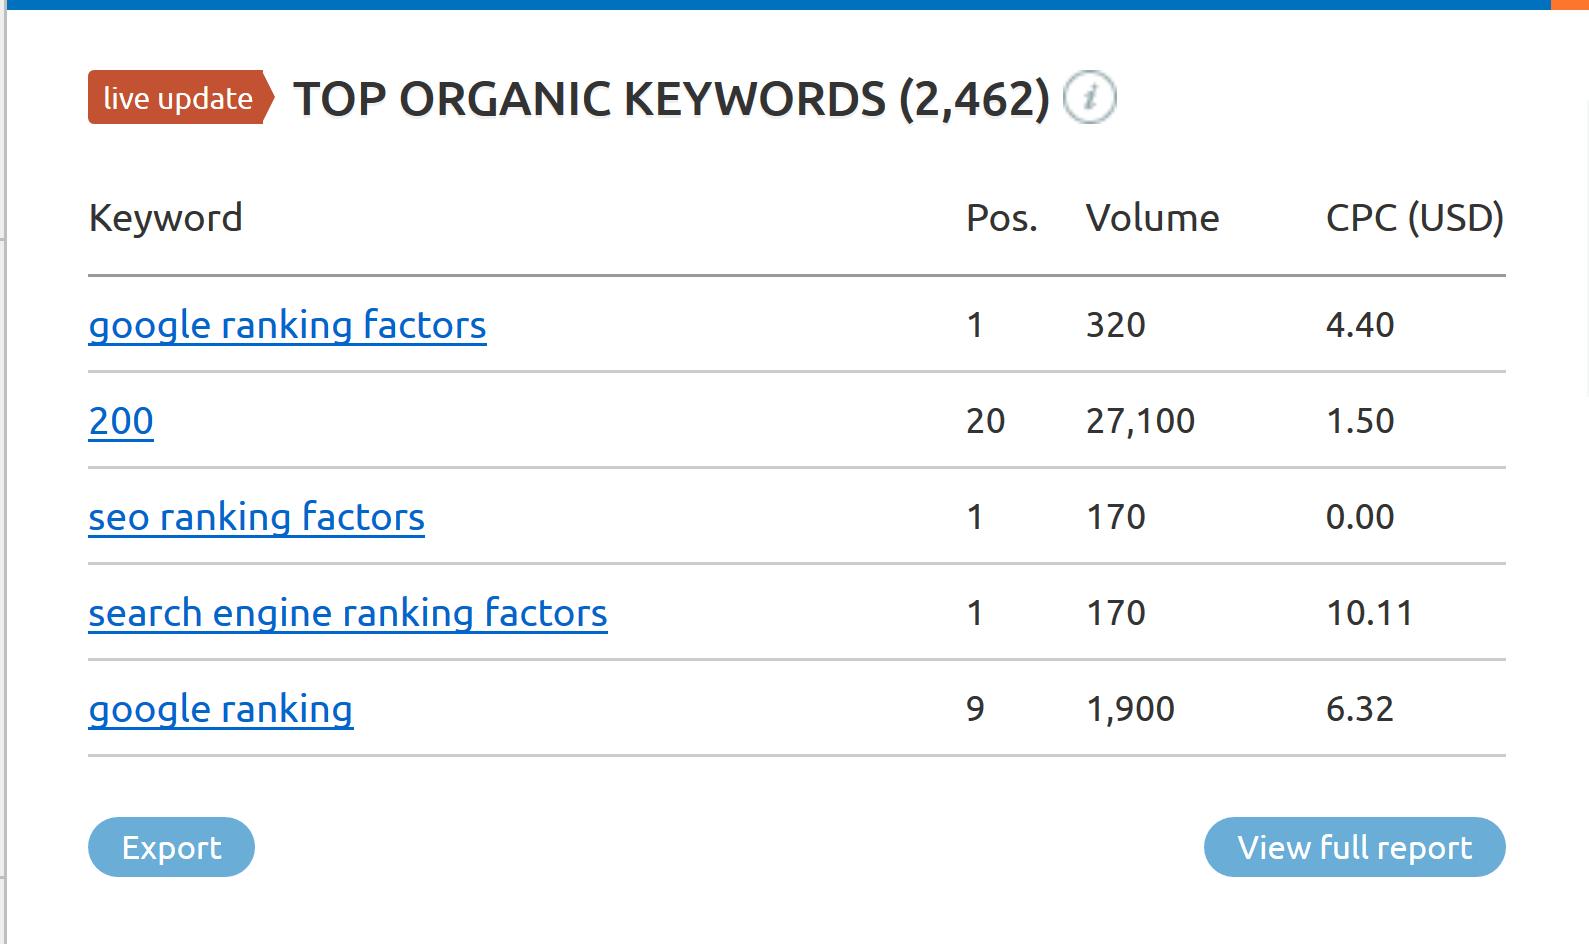 شماره های رتبه بندی کلمات کلیدی